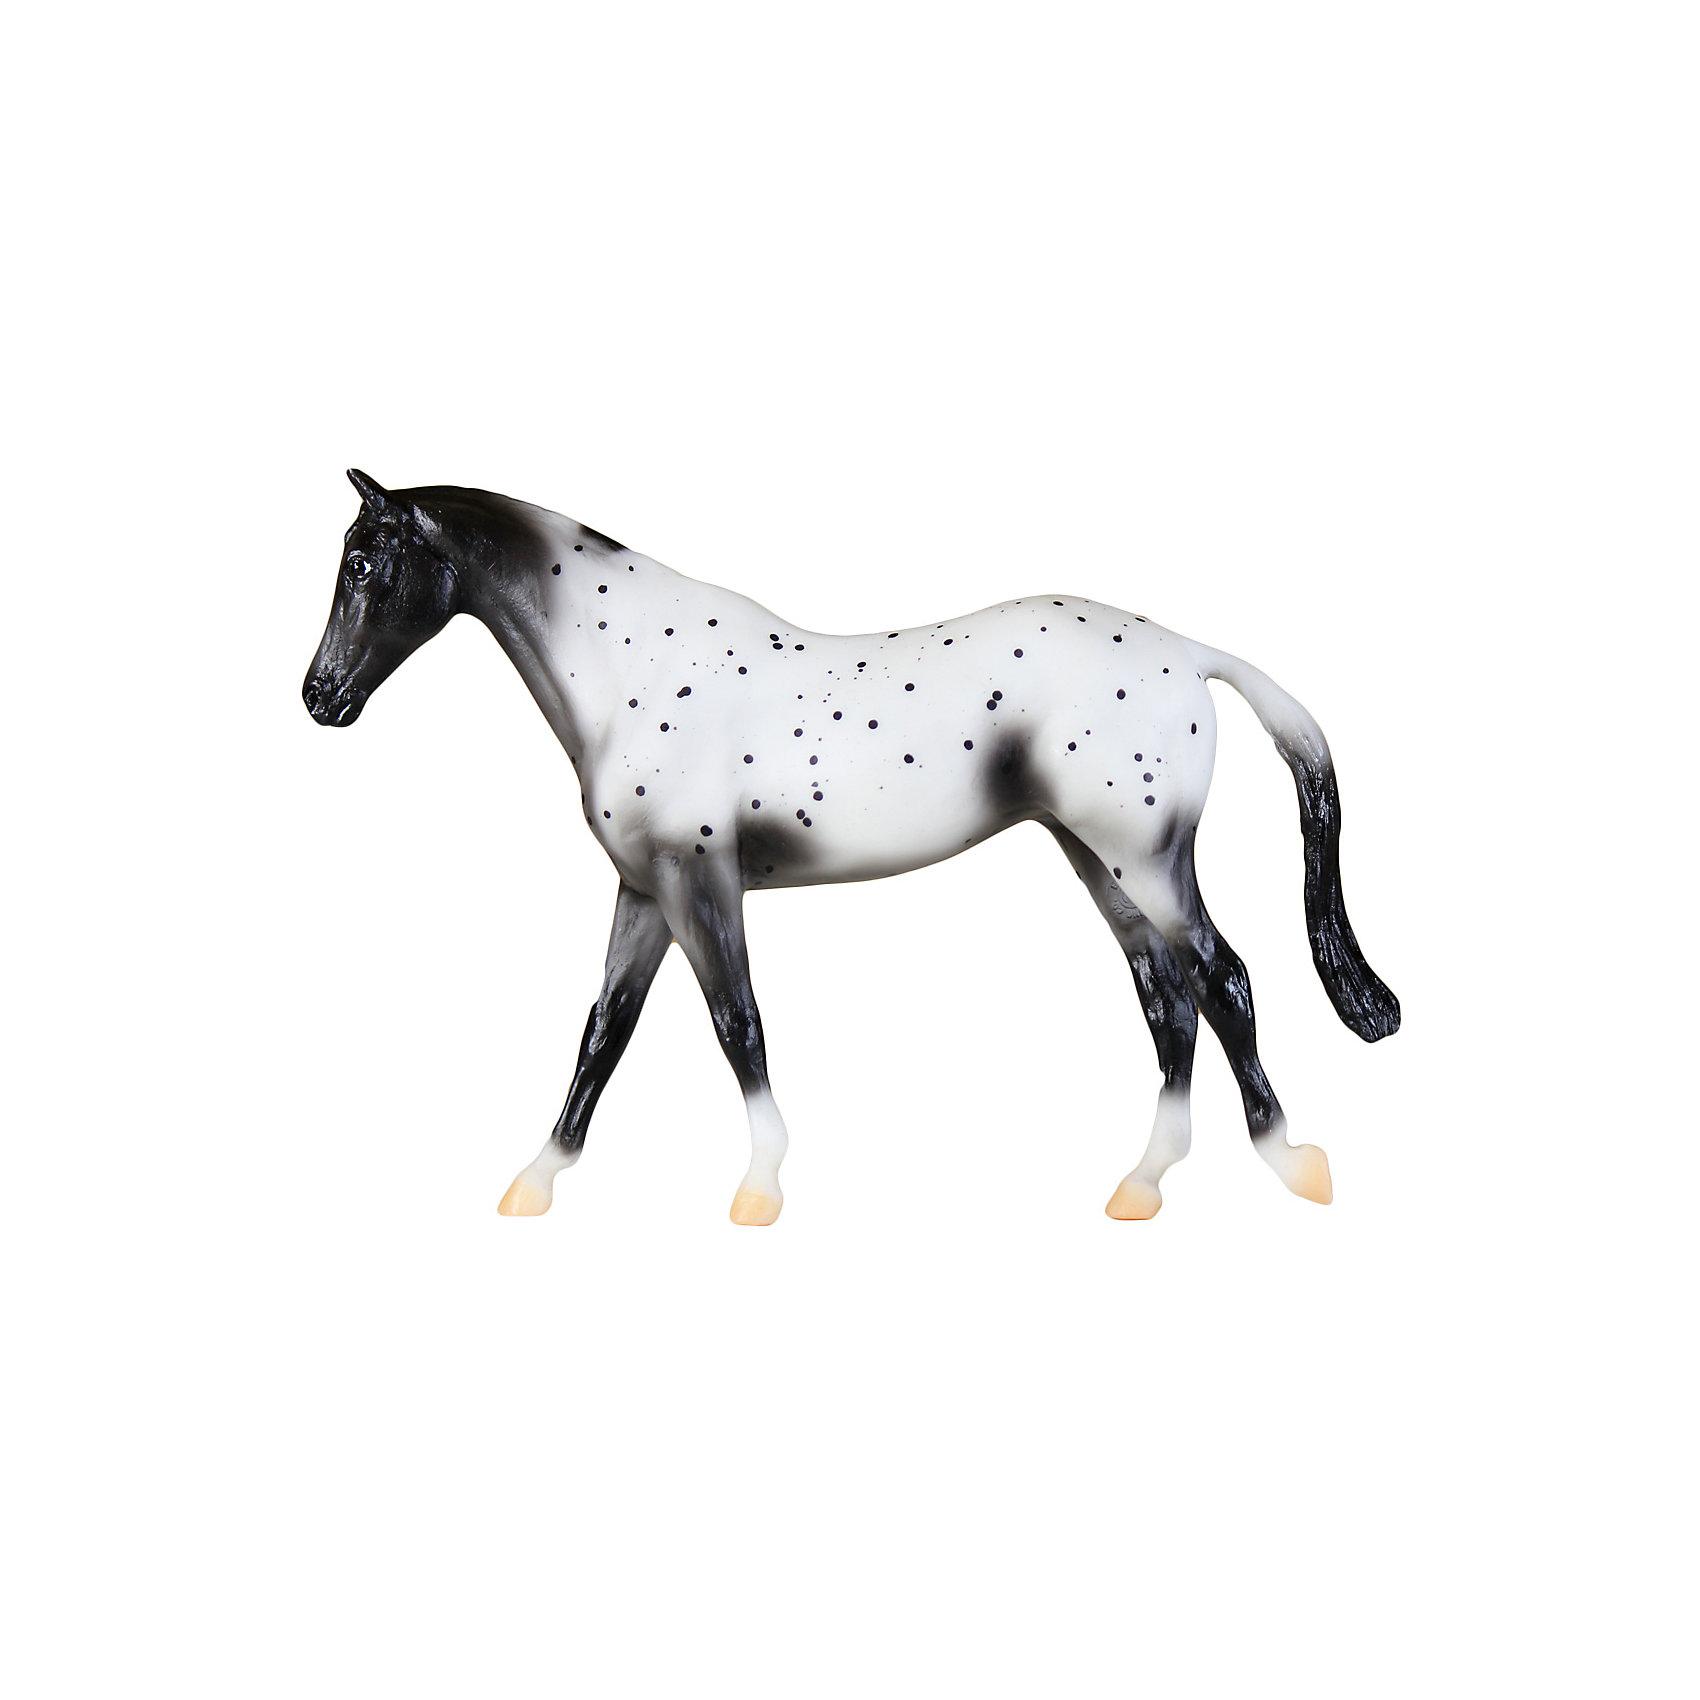 Лошадь Аппалуза леопард, BreyerМир животных<br>Ваш ребенок всерьез мечтает о собственной лошадке, но, конечно, в домашних условиях его мечта останется только мечтой?<br>Модель лошади Лошадь Аппалуза леопард обязательно понравится детям и познакомит их с одной из интересных американских пород лошадей. Порода Аппалуза в последние годы стремительно набирает популярность по всему миру, эти лошади активно используются в классических видах конного спорта и вестерне. Также они весьма популярны в конном туризме, и как шоу-лошади (из-за яркой и необычной масти). Ребенку понравится играть с такой лошадкой, она прекрасно детализирована, выполнена в масштабе 1:12 и очень реалистично раскрашена. Игрушка изготовлена из высококачественных безопасных для детей материалов. Собери всю коллекцию лошадок и аксессуаров к ним, устраивай скачки и показательные выступления! <br><br>Дополнительная информация:<br><br>- Материал: пластик.<br>- Размер: 23х15 см.<br>- Масштаб: 1:12<br><br>Лошадь Аппалуза леопард, Breyer можно купить в нашем магазине.<br><br>Ширина мм: 279<br>Глубина мм: 67<br>Высота мм: 203<br>Вес г: 277<br>Возраст от месяцев: 48<br>Возраст до месяцев: 180<br>Пол: Унисекс<br>Возраст: Детский<br>SKU: 4046562